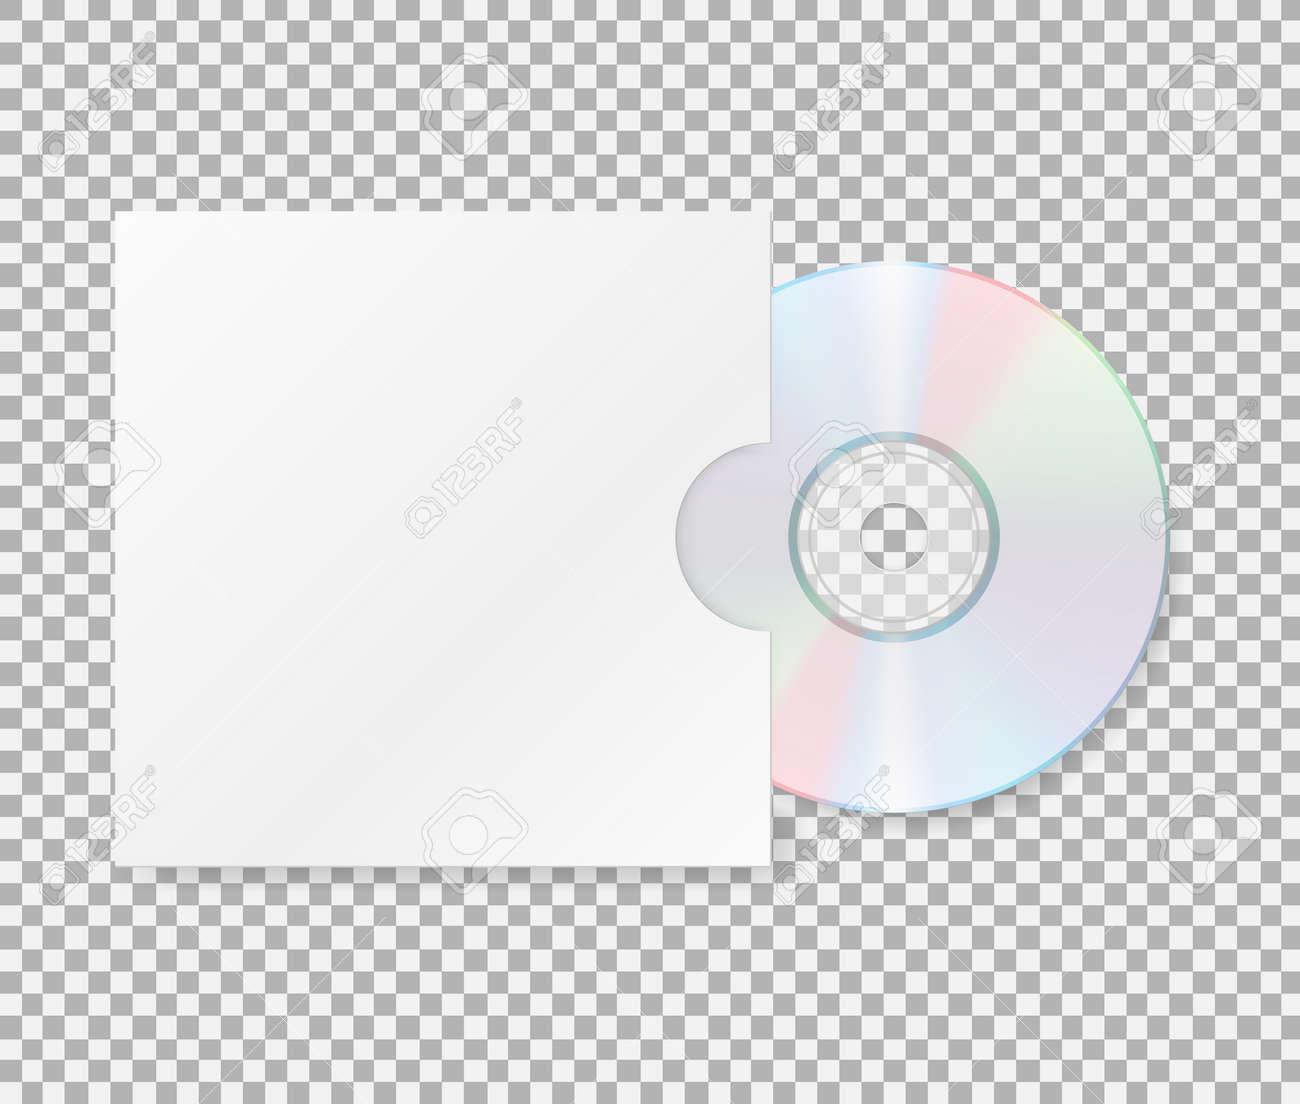 カバー付きのリアルな cd cd dvd ディスクのクローズ アップ カバーの